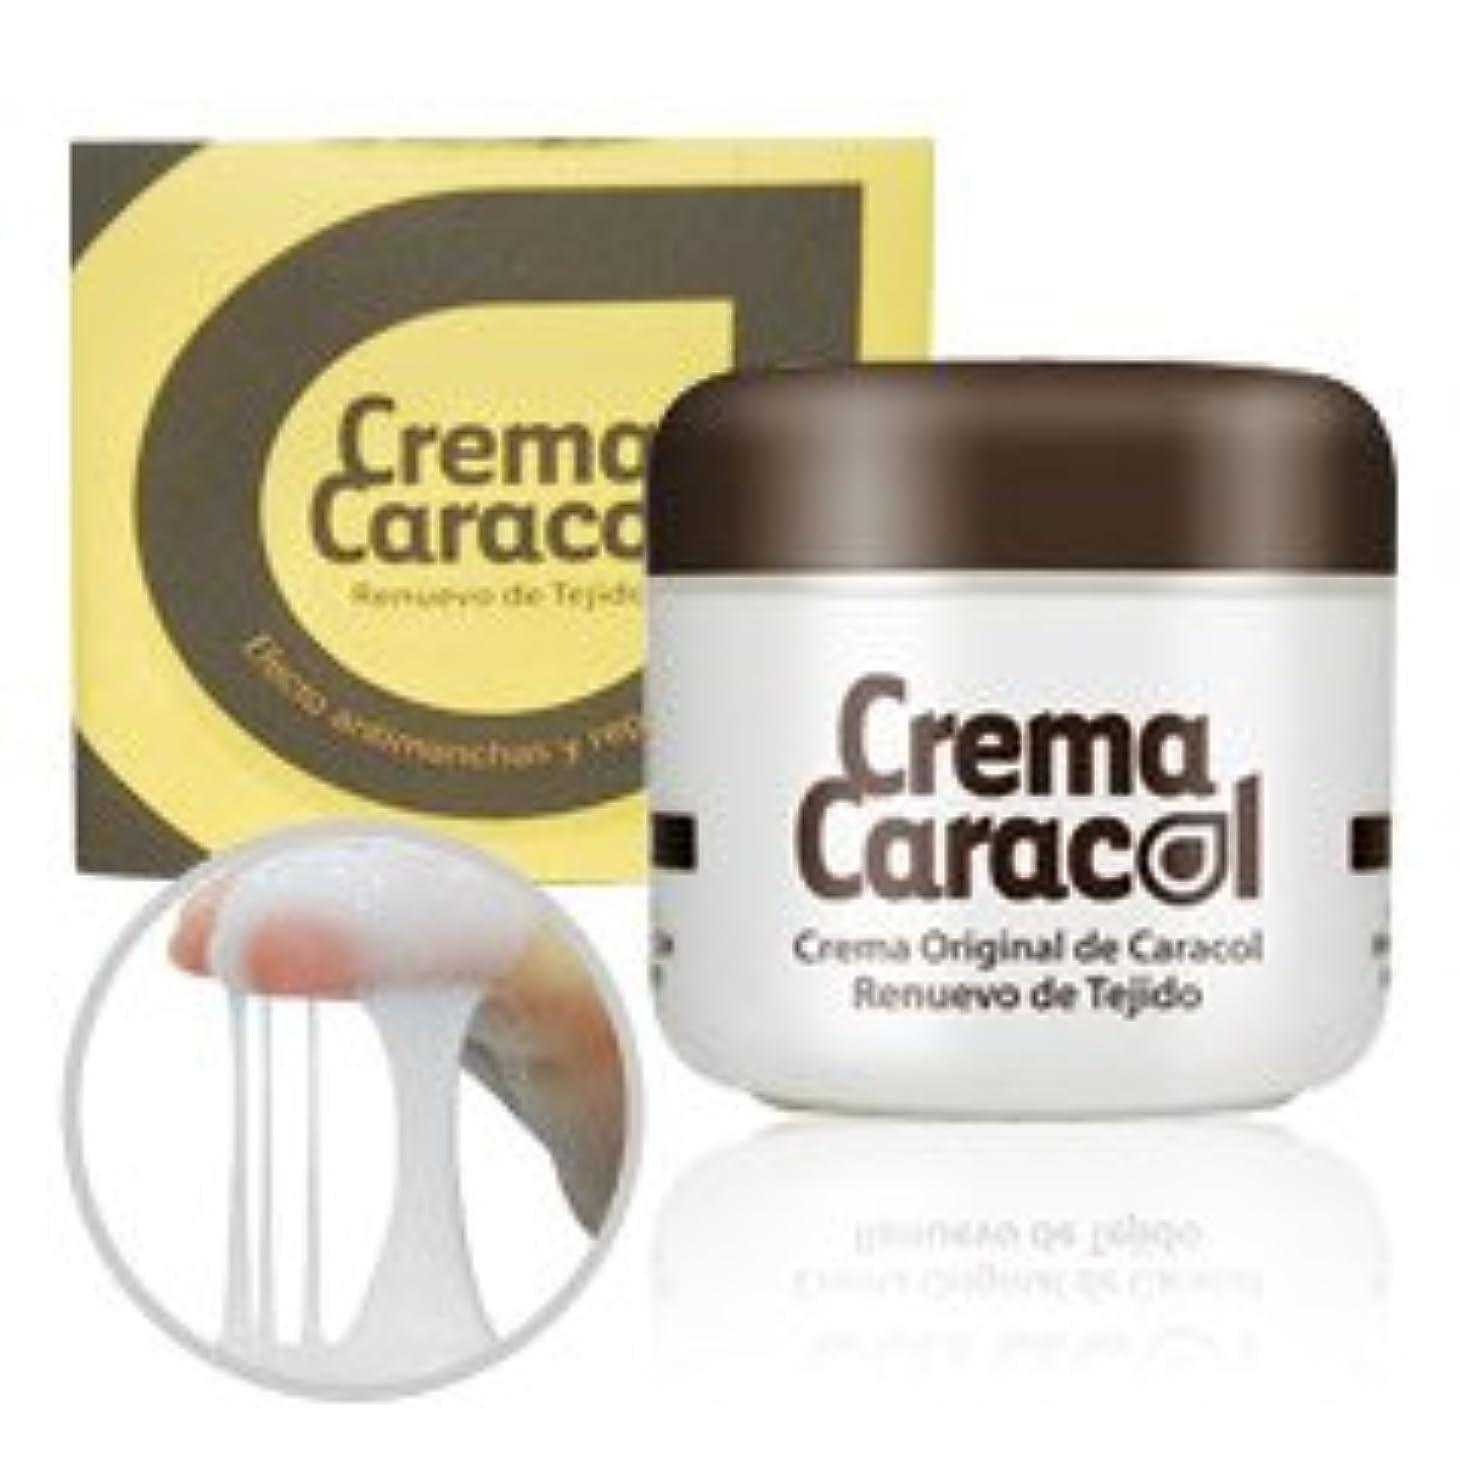 ベース額オートメーションcrema caracol(カラコール) かたつむりクリーム 3個セット